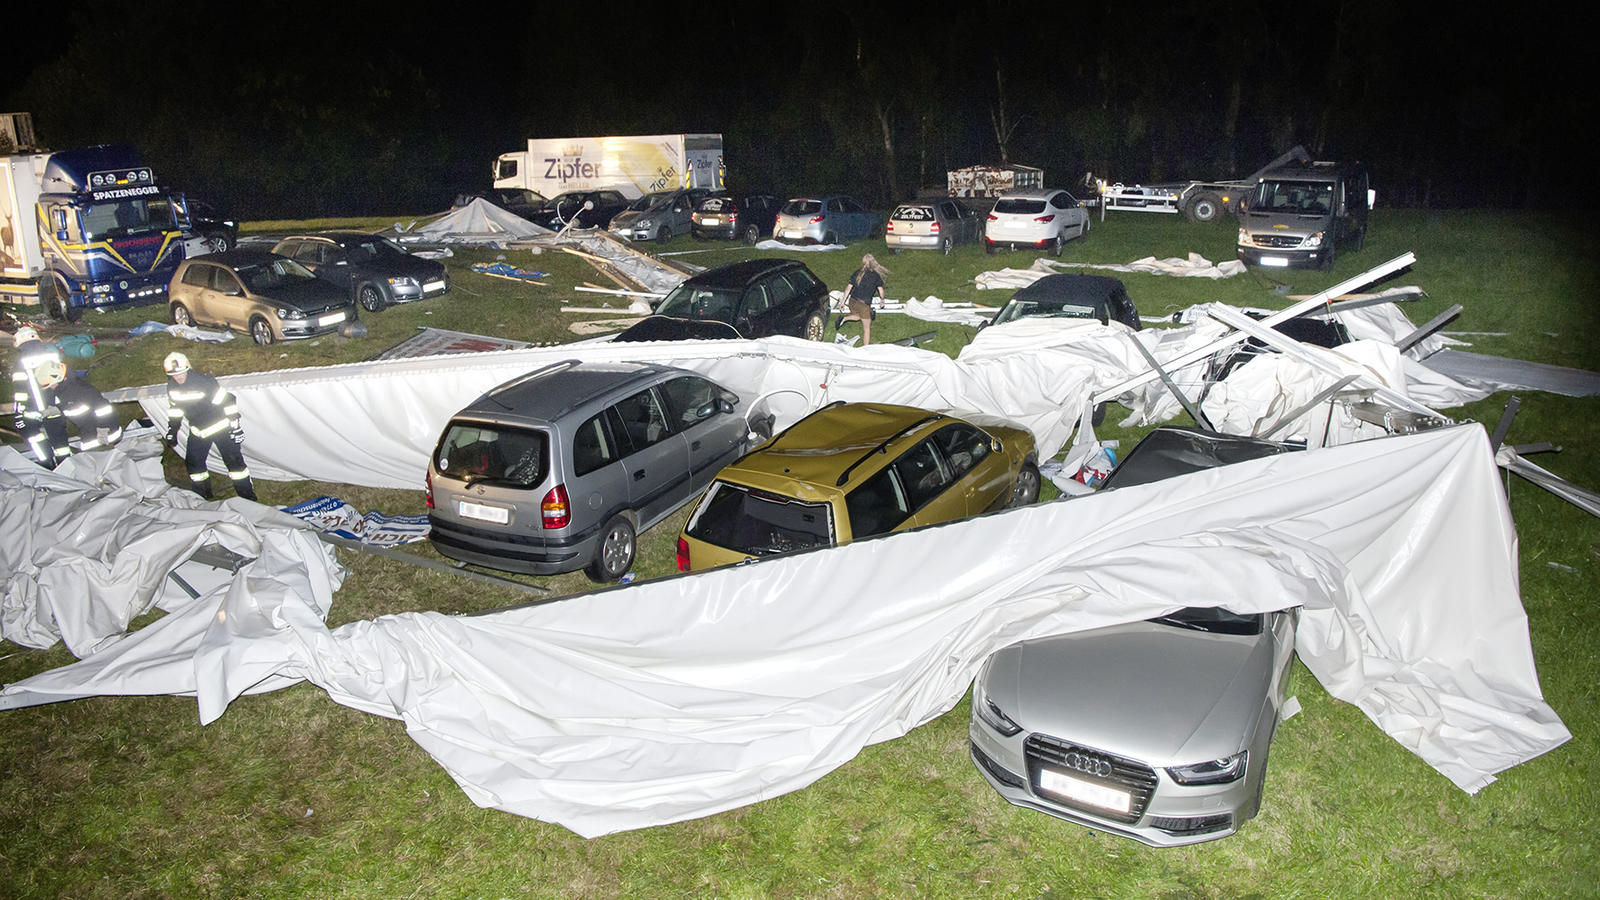 St. Johann am Walde auf Autos auf dem benachbarten Parkplatz. Bei dem Einsturz starben zwei Menschen